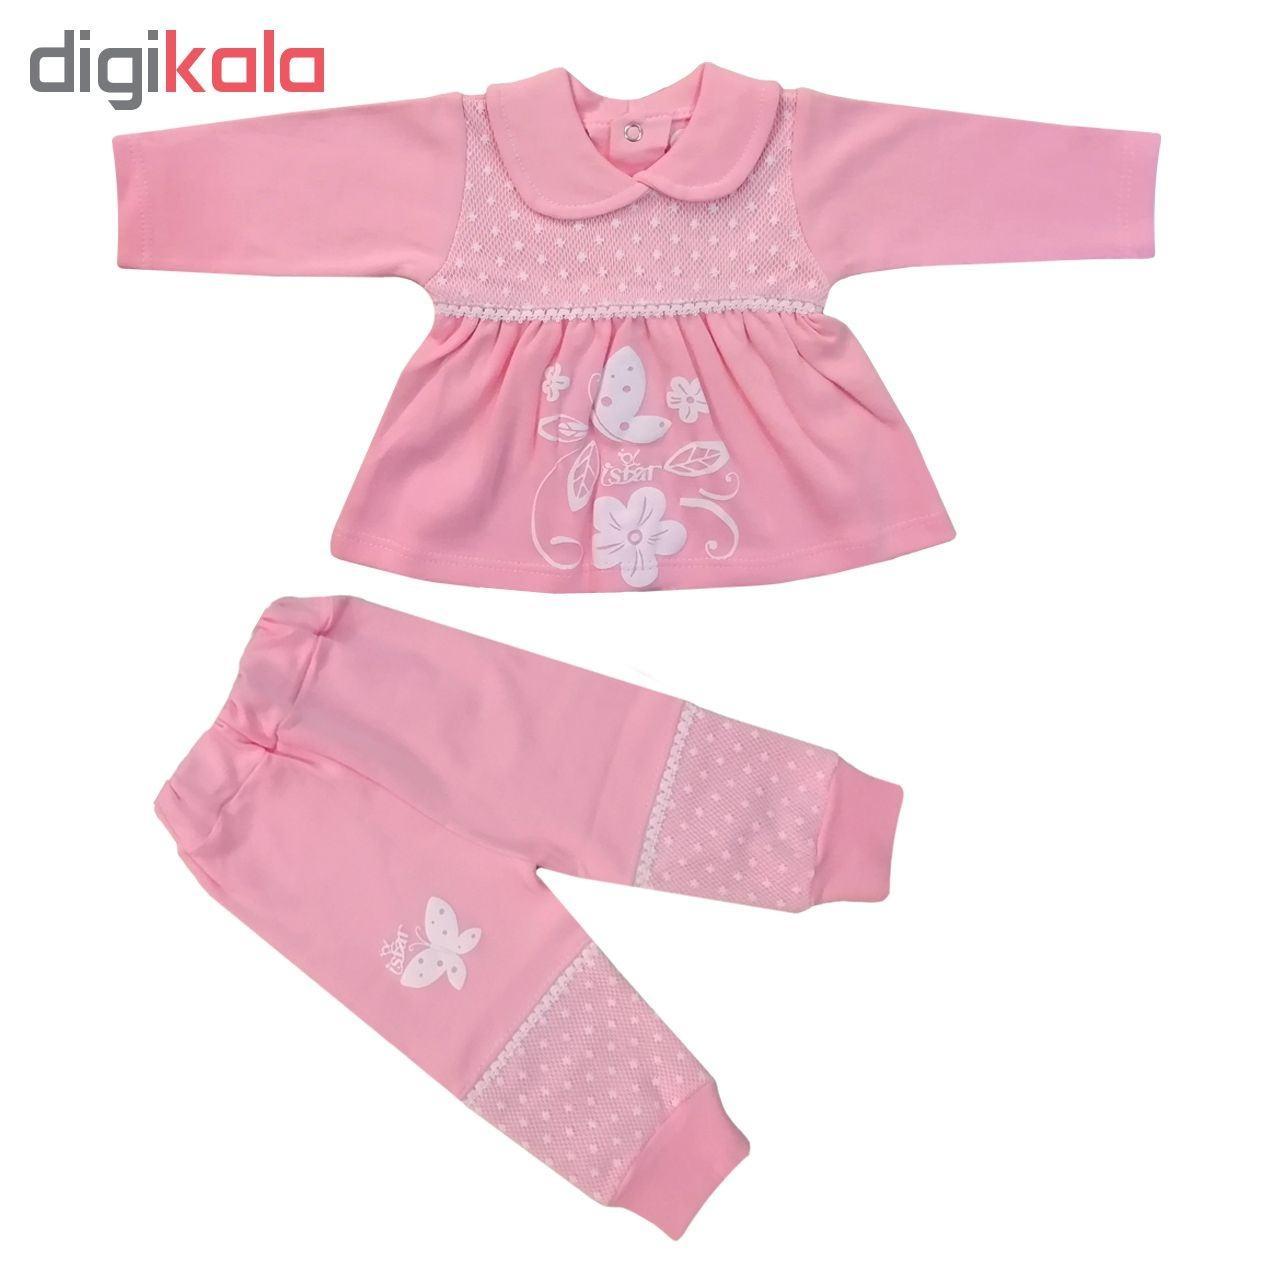 ست تیشرت و شلوار نوزادی دخترانه کد 980908 رنگ صورتی -  - 3